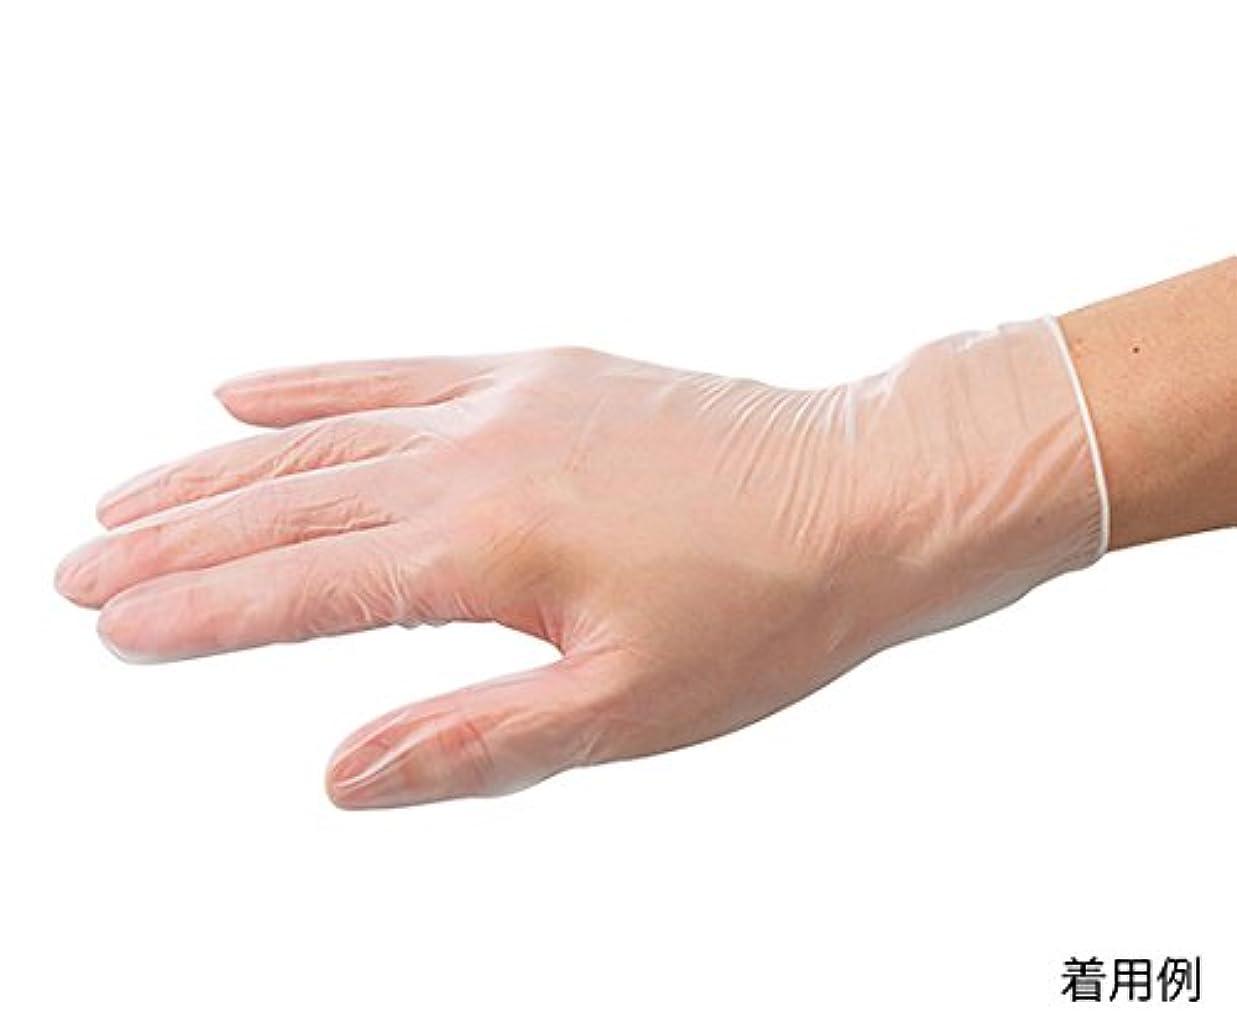 ホース持続的自然ARメディコム?インク?アジアリミテッド7-3726-02バイタルプラスチック手袋(パウダーフリー)M150枚入